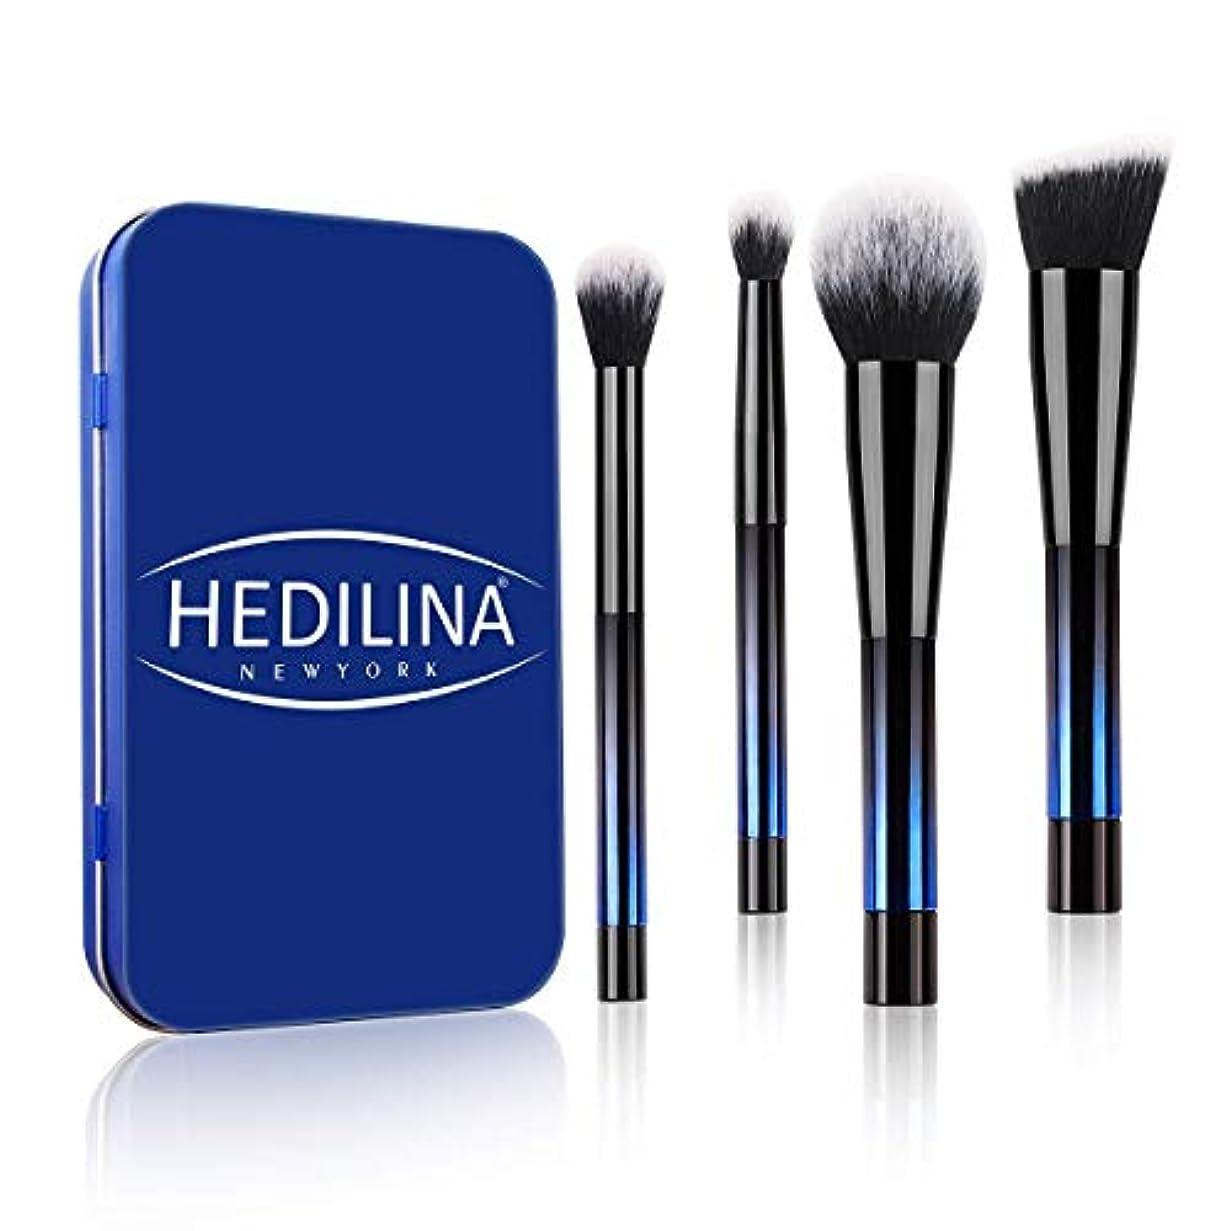 作者競争力のある電卓HEDILINA メイクアップブラシ 4本セット アイブラシ 高級繊維毛 ケース付き 旅行/出張用 ポータブル